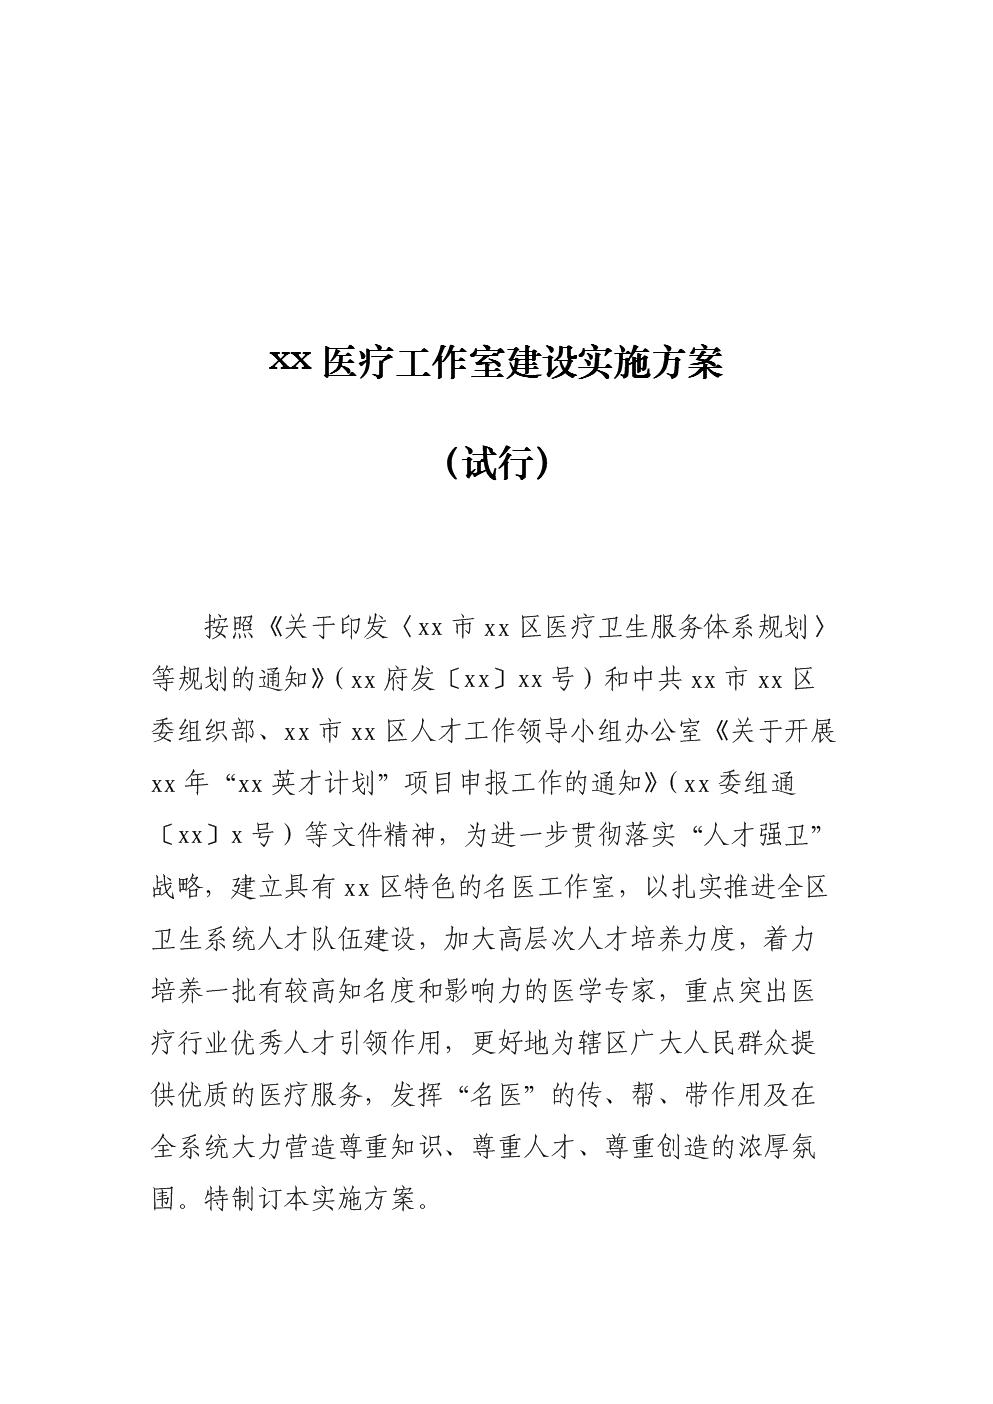 医疗工作室建设实施方案(试行).docx